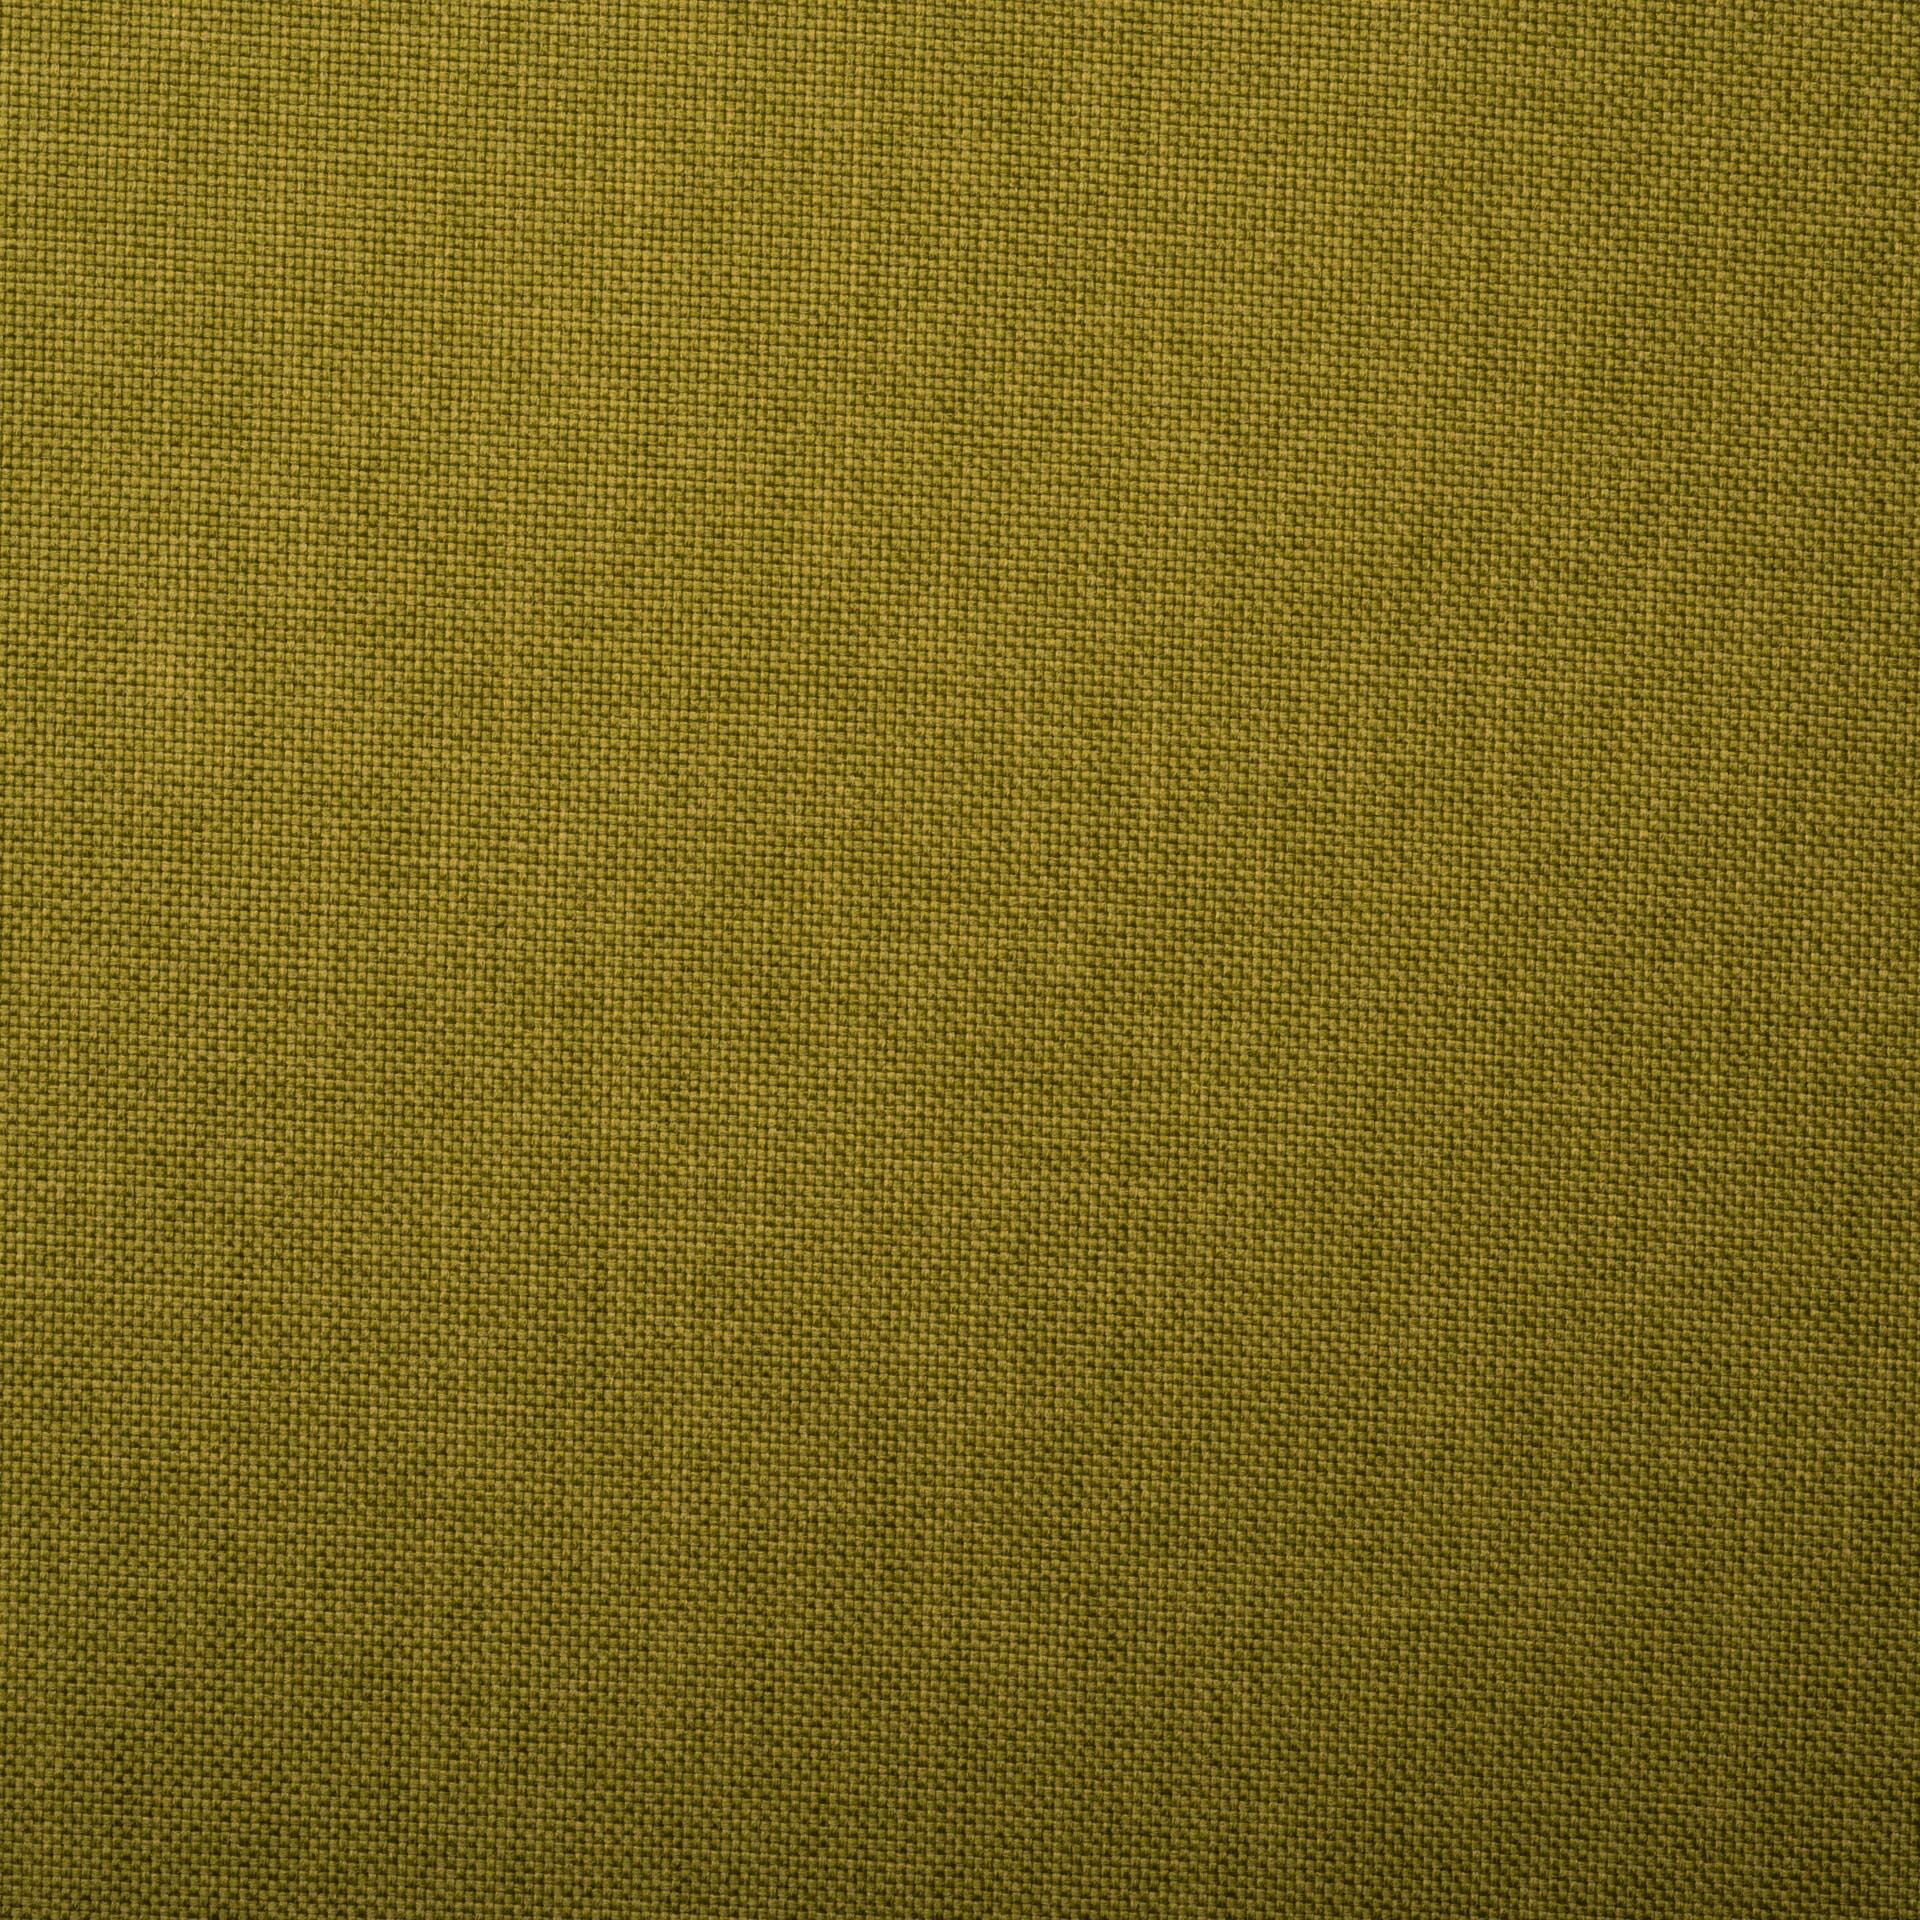 Коллекция ткани Саванна OLIVE 18,  купить ткань Жаккард для мебели Украина